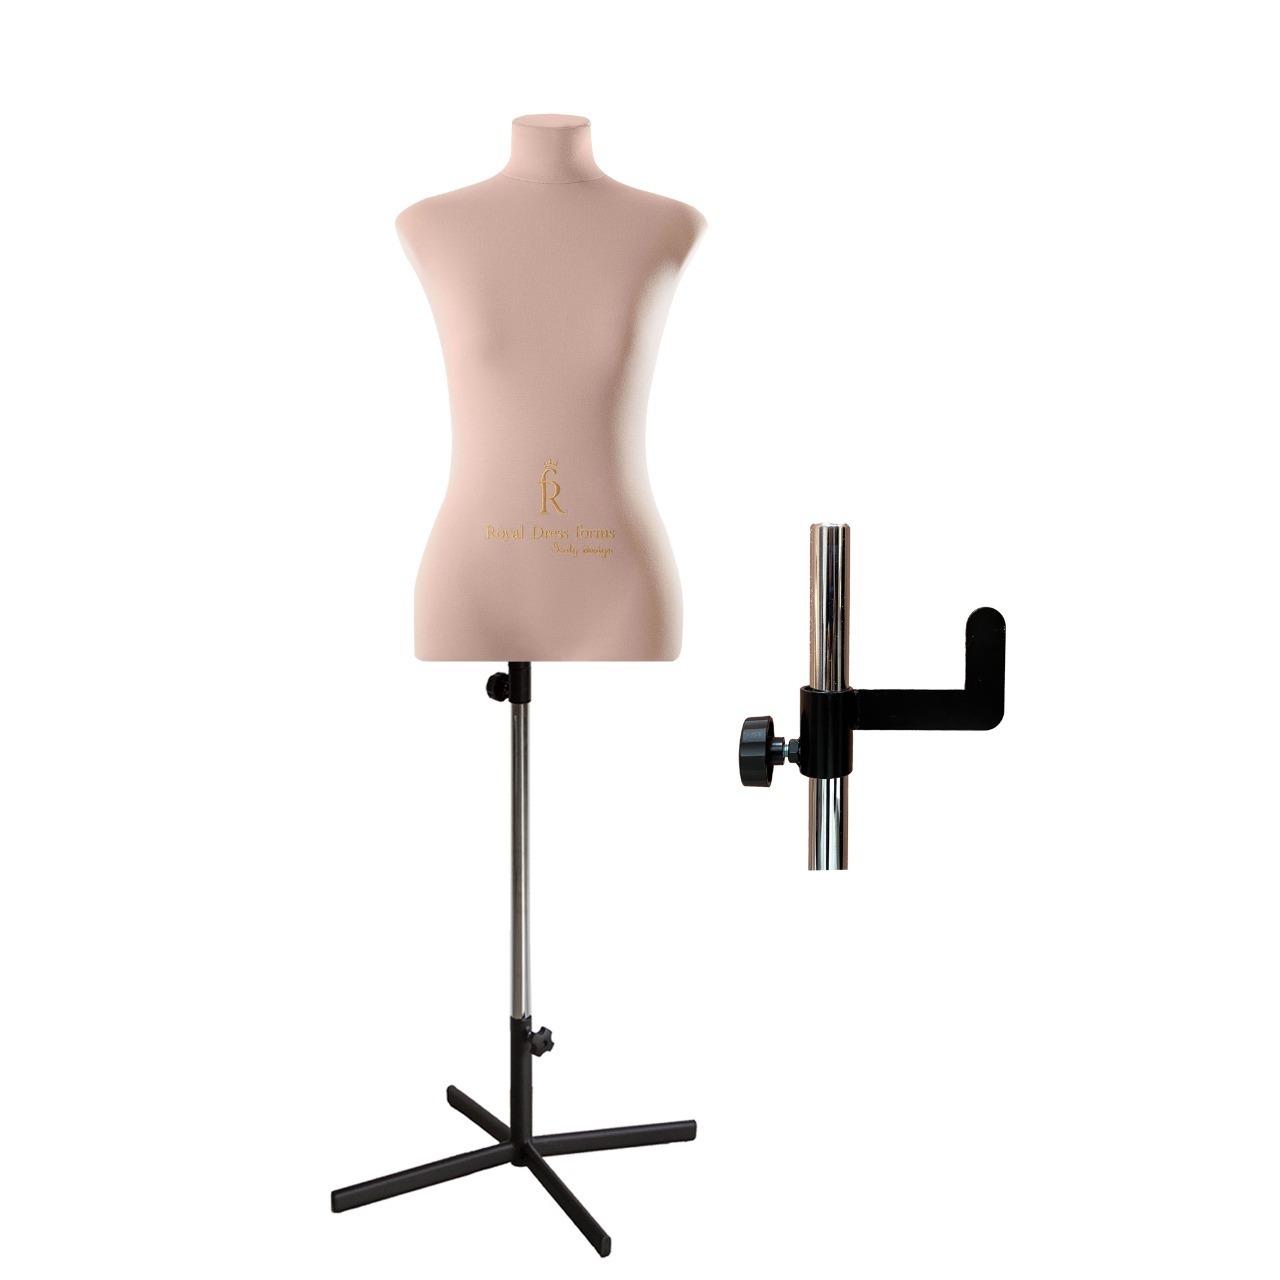 Манекен портновский Кристина, комплект Премиум, размер 44, тип фигуры Прямоугольник, бежевыйФото 0